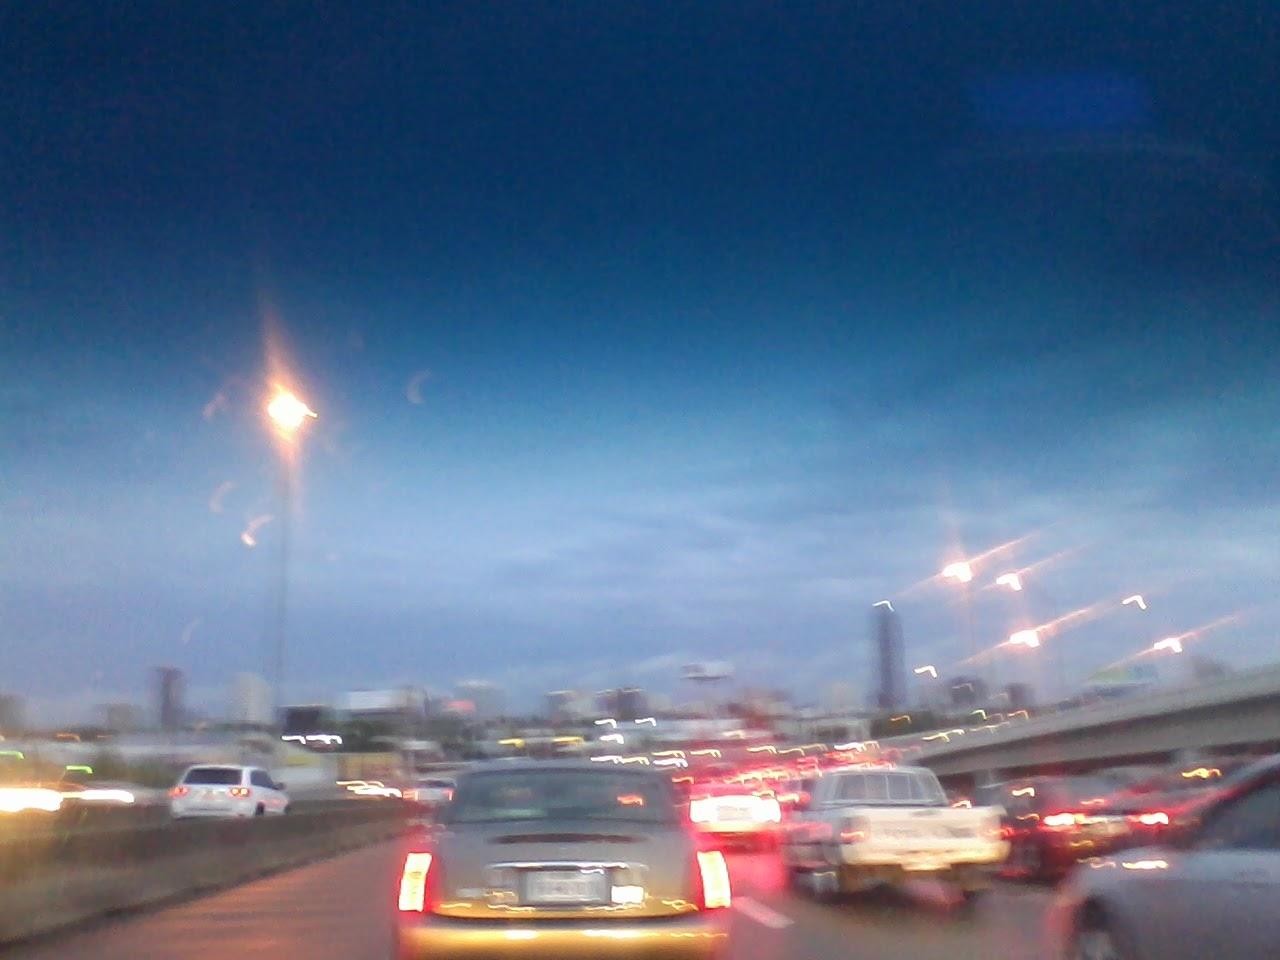 Sky - 0324072033.jpg